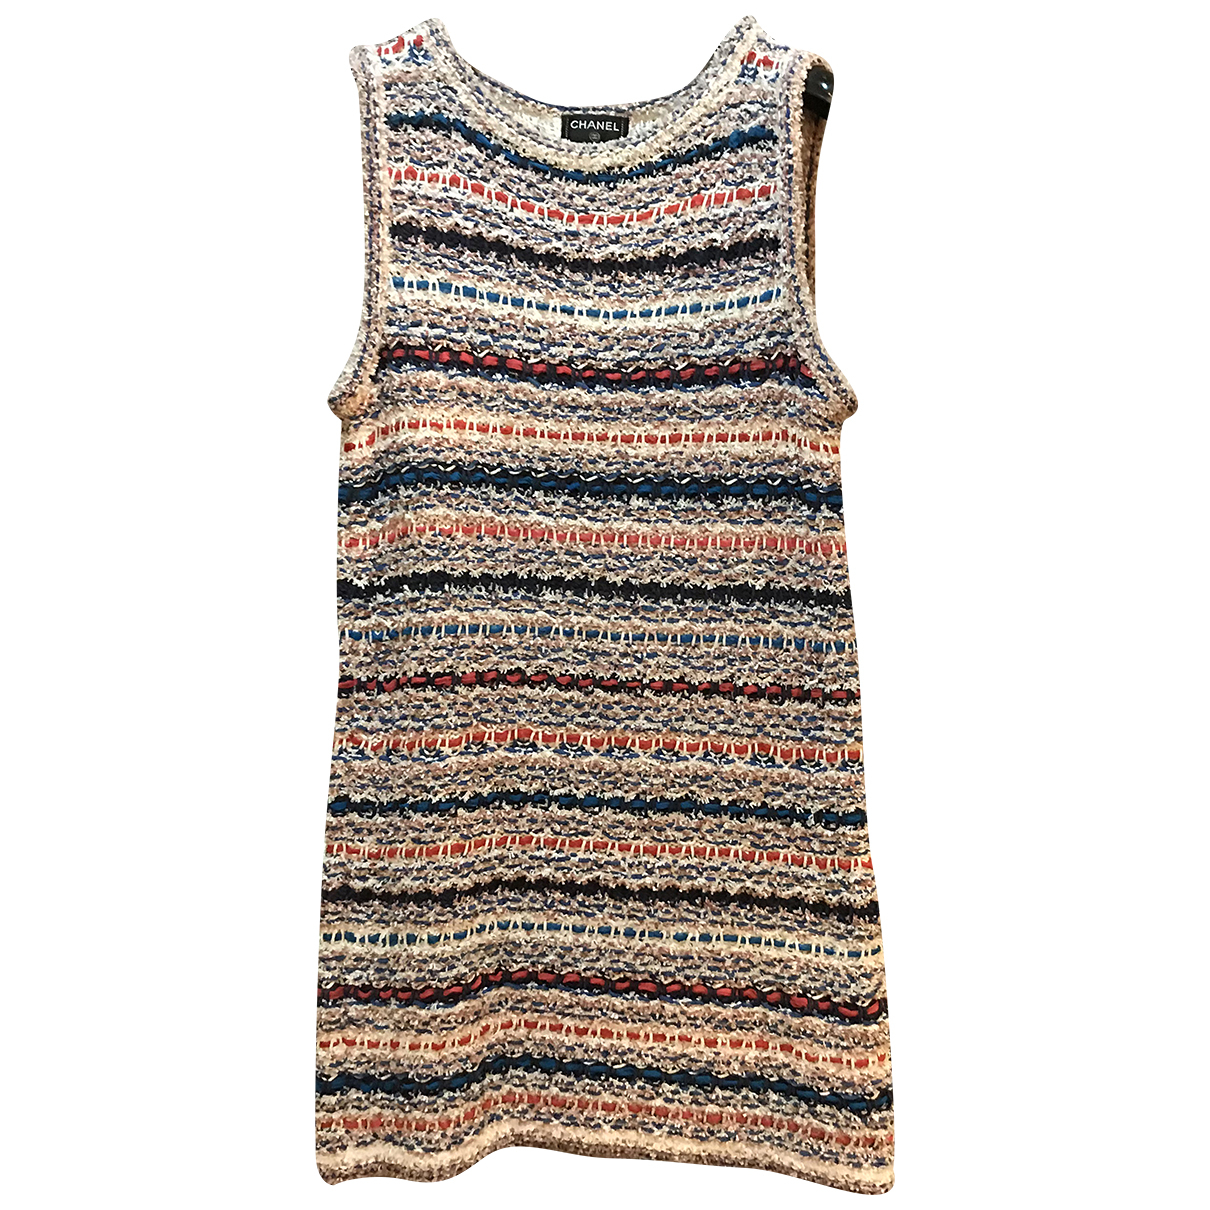 Chanel - Robe   pour femme en coton - multicolore